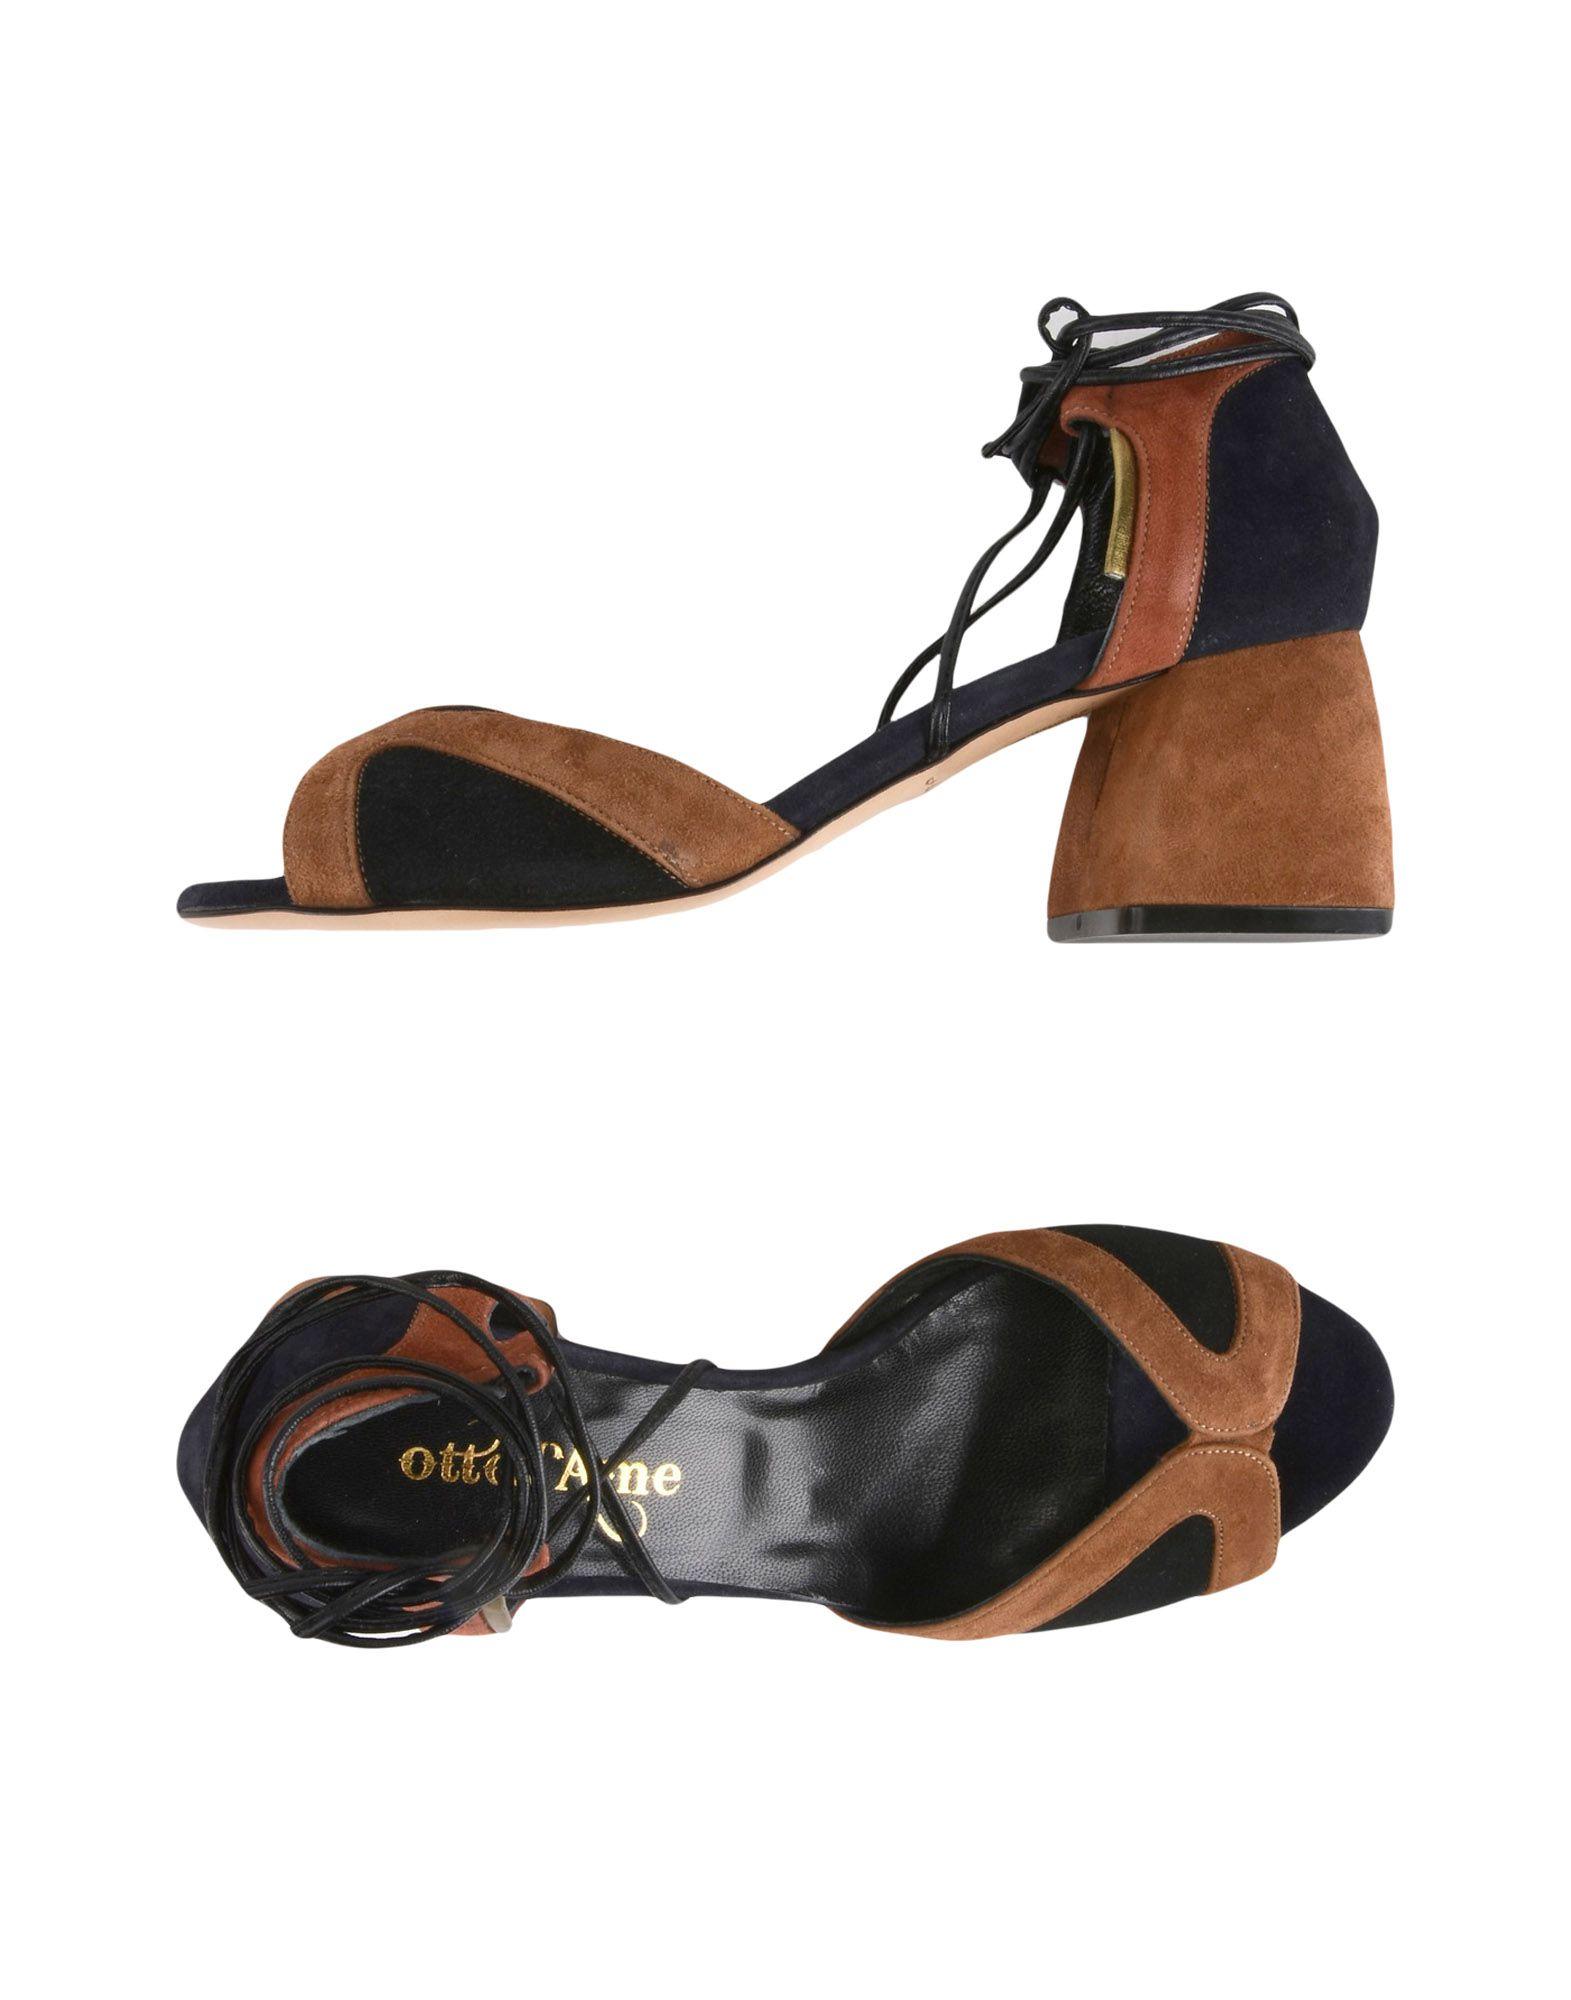 OTTOD'AME Escarpins femme. Chaussures Under Armour noires homme OTTOD'AME Escarpins femme. TfwT71x1